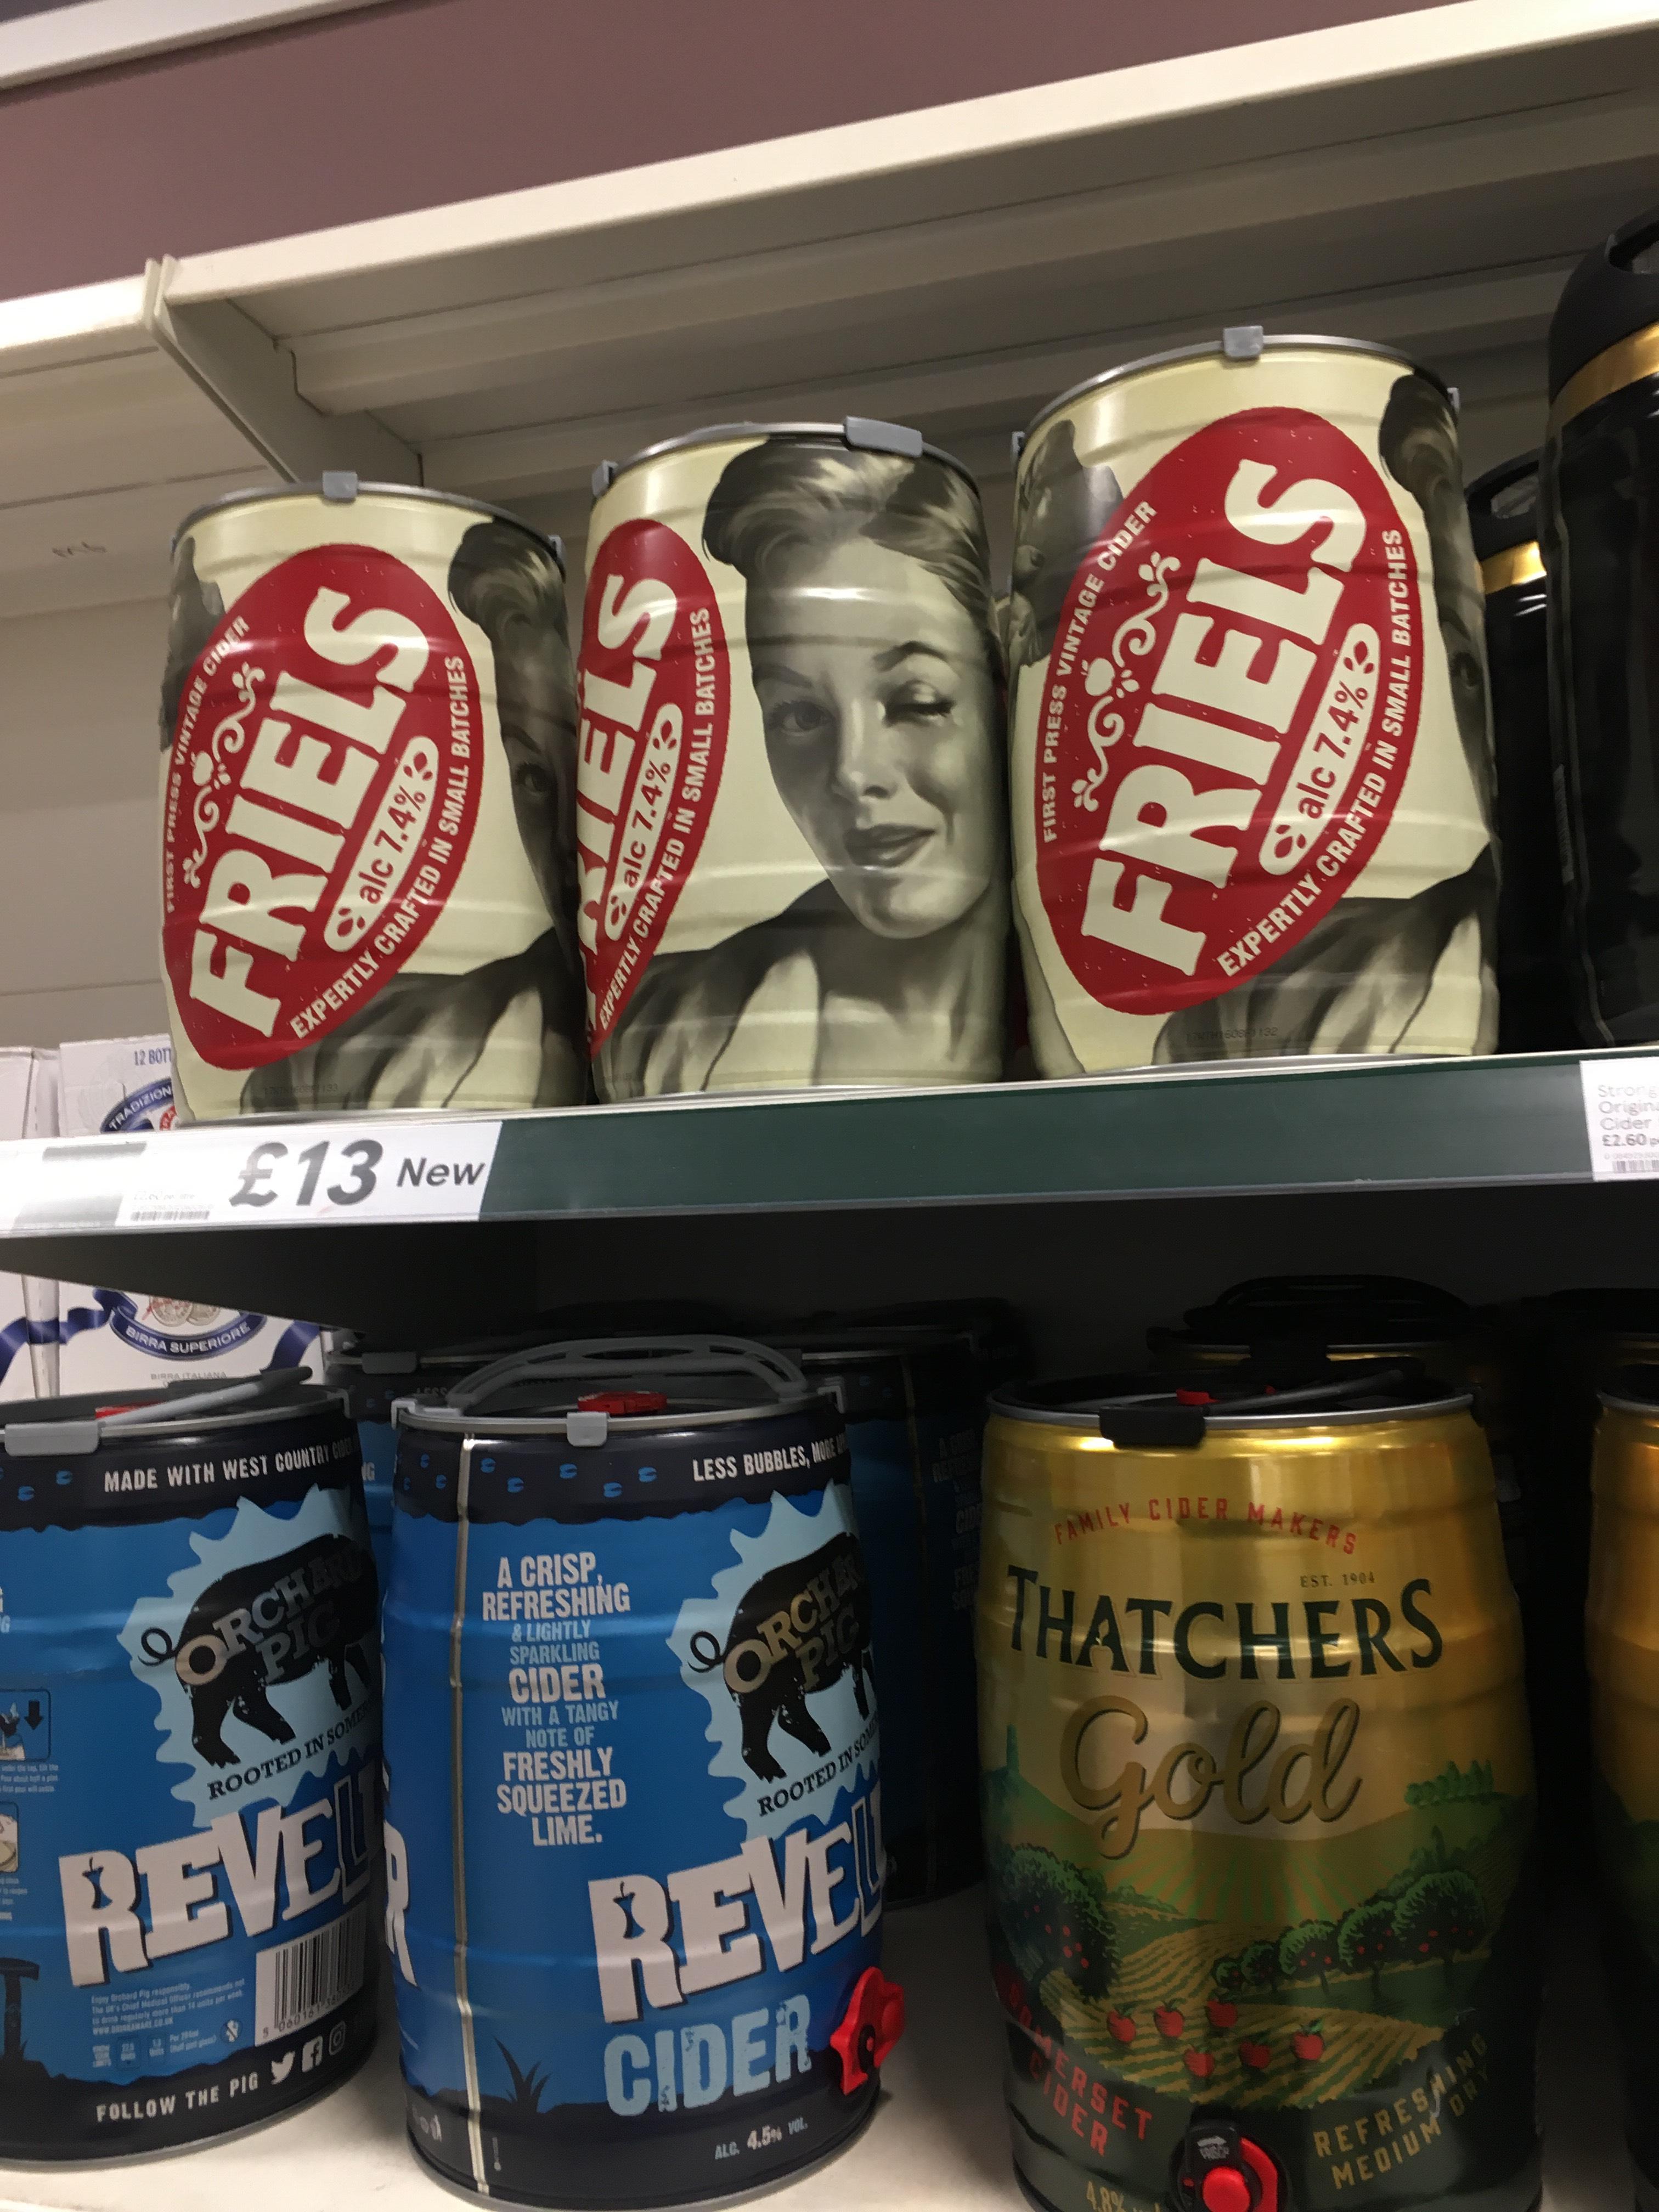 Friels vintage cider 5L keg £13 at Tesco (7.4% alcohol)